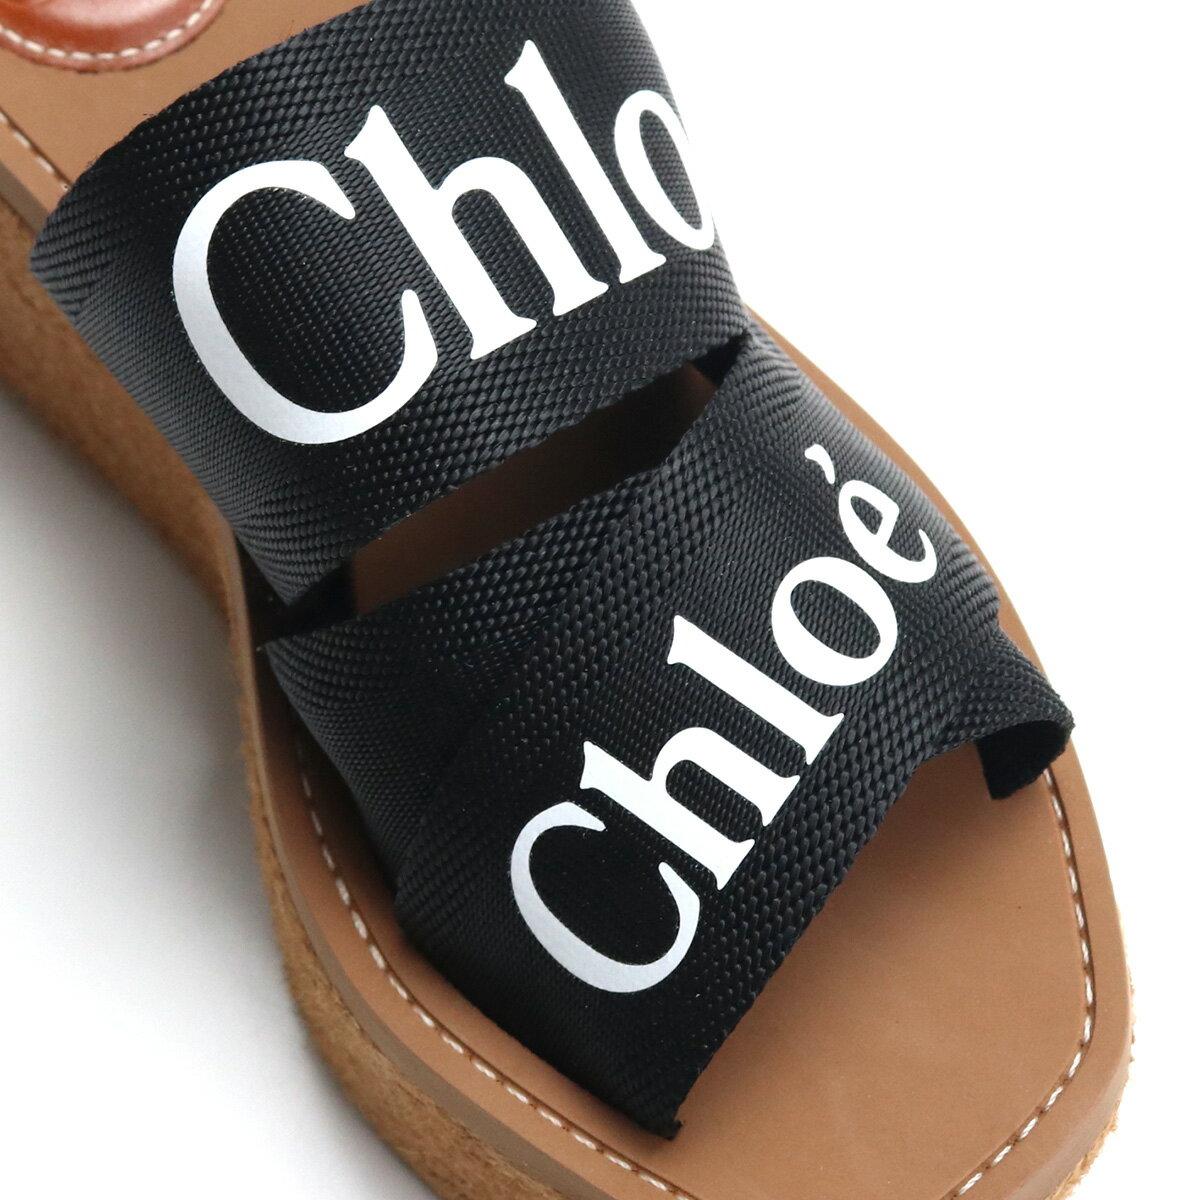 クロエCHLOEサンダルCHC21U44908001BLACKブラックshoes-01レディース